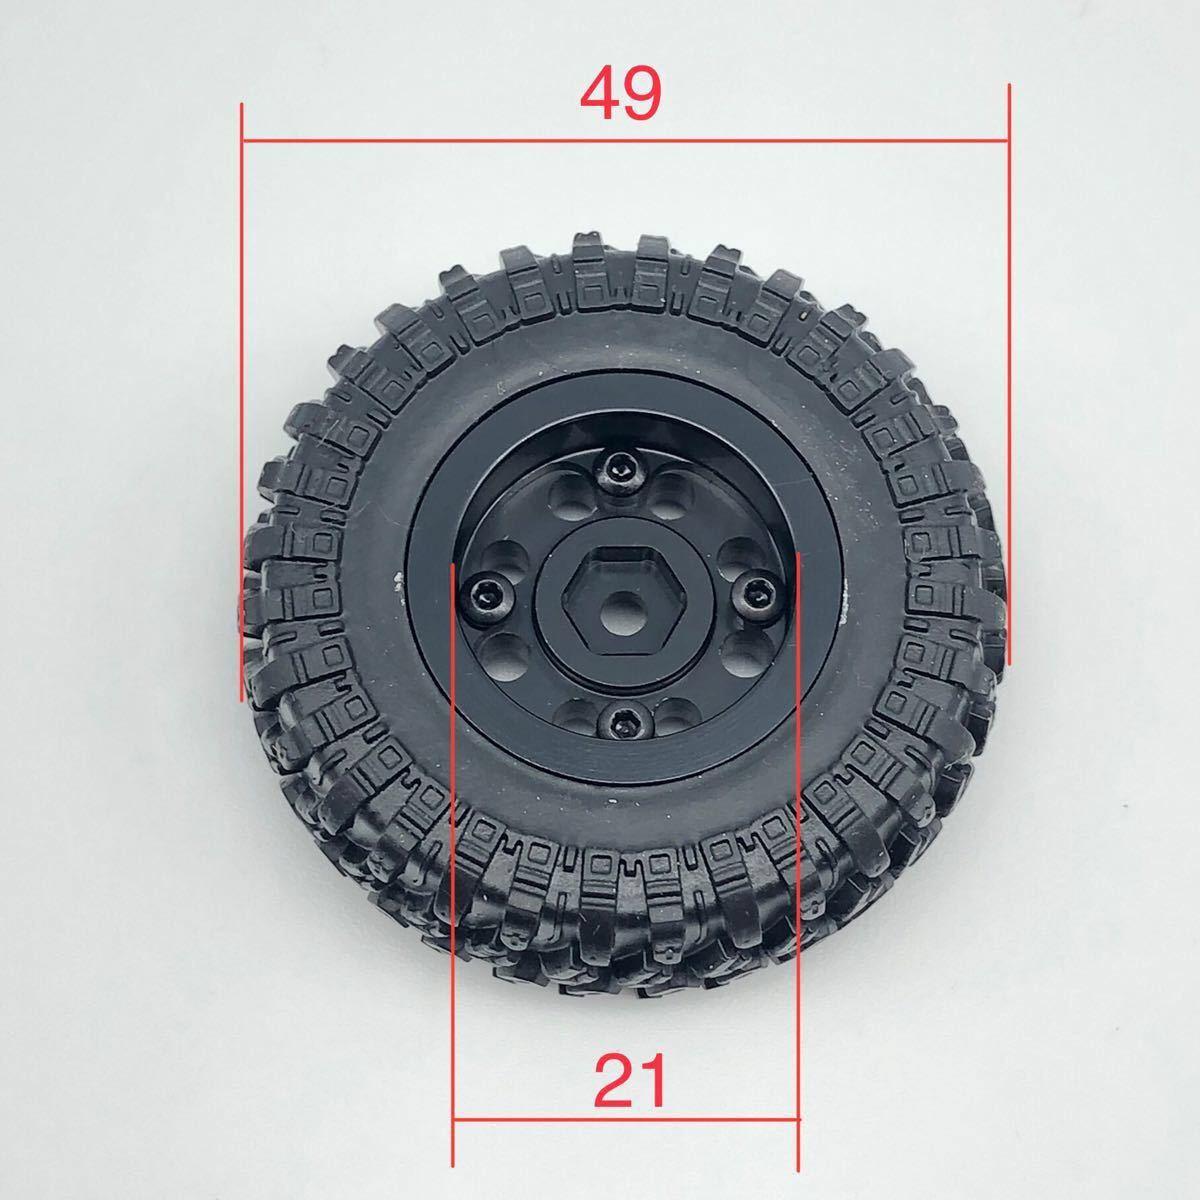 新品未開封 アルミ製 ビードロック ホイール ミニッツ 4x4 変換ハブ セット